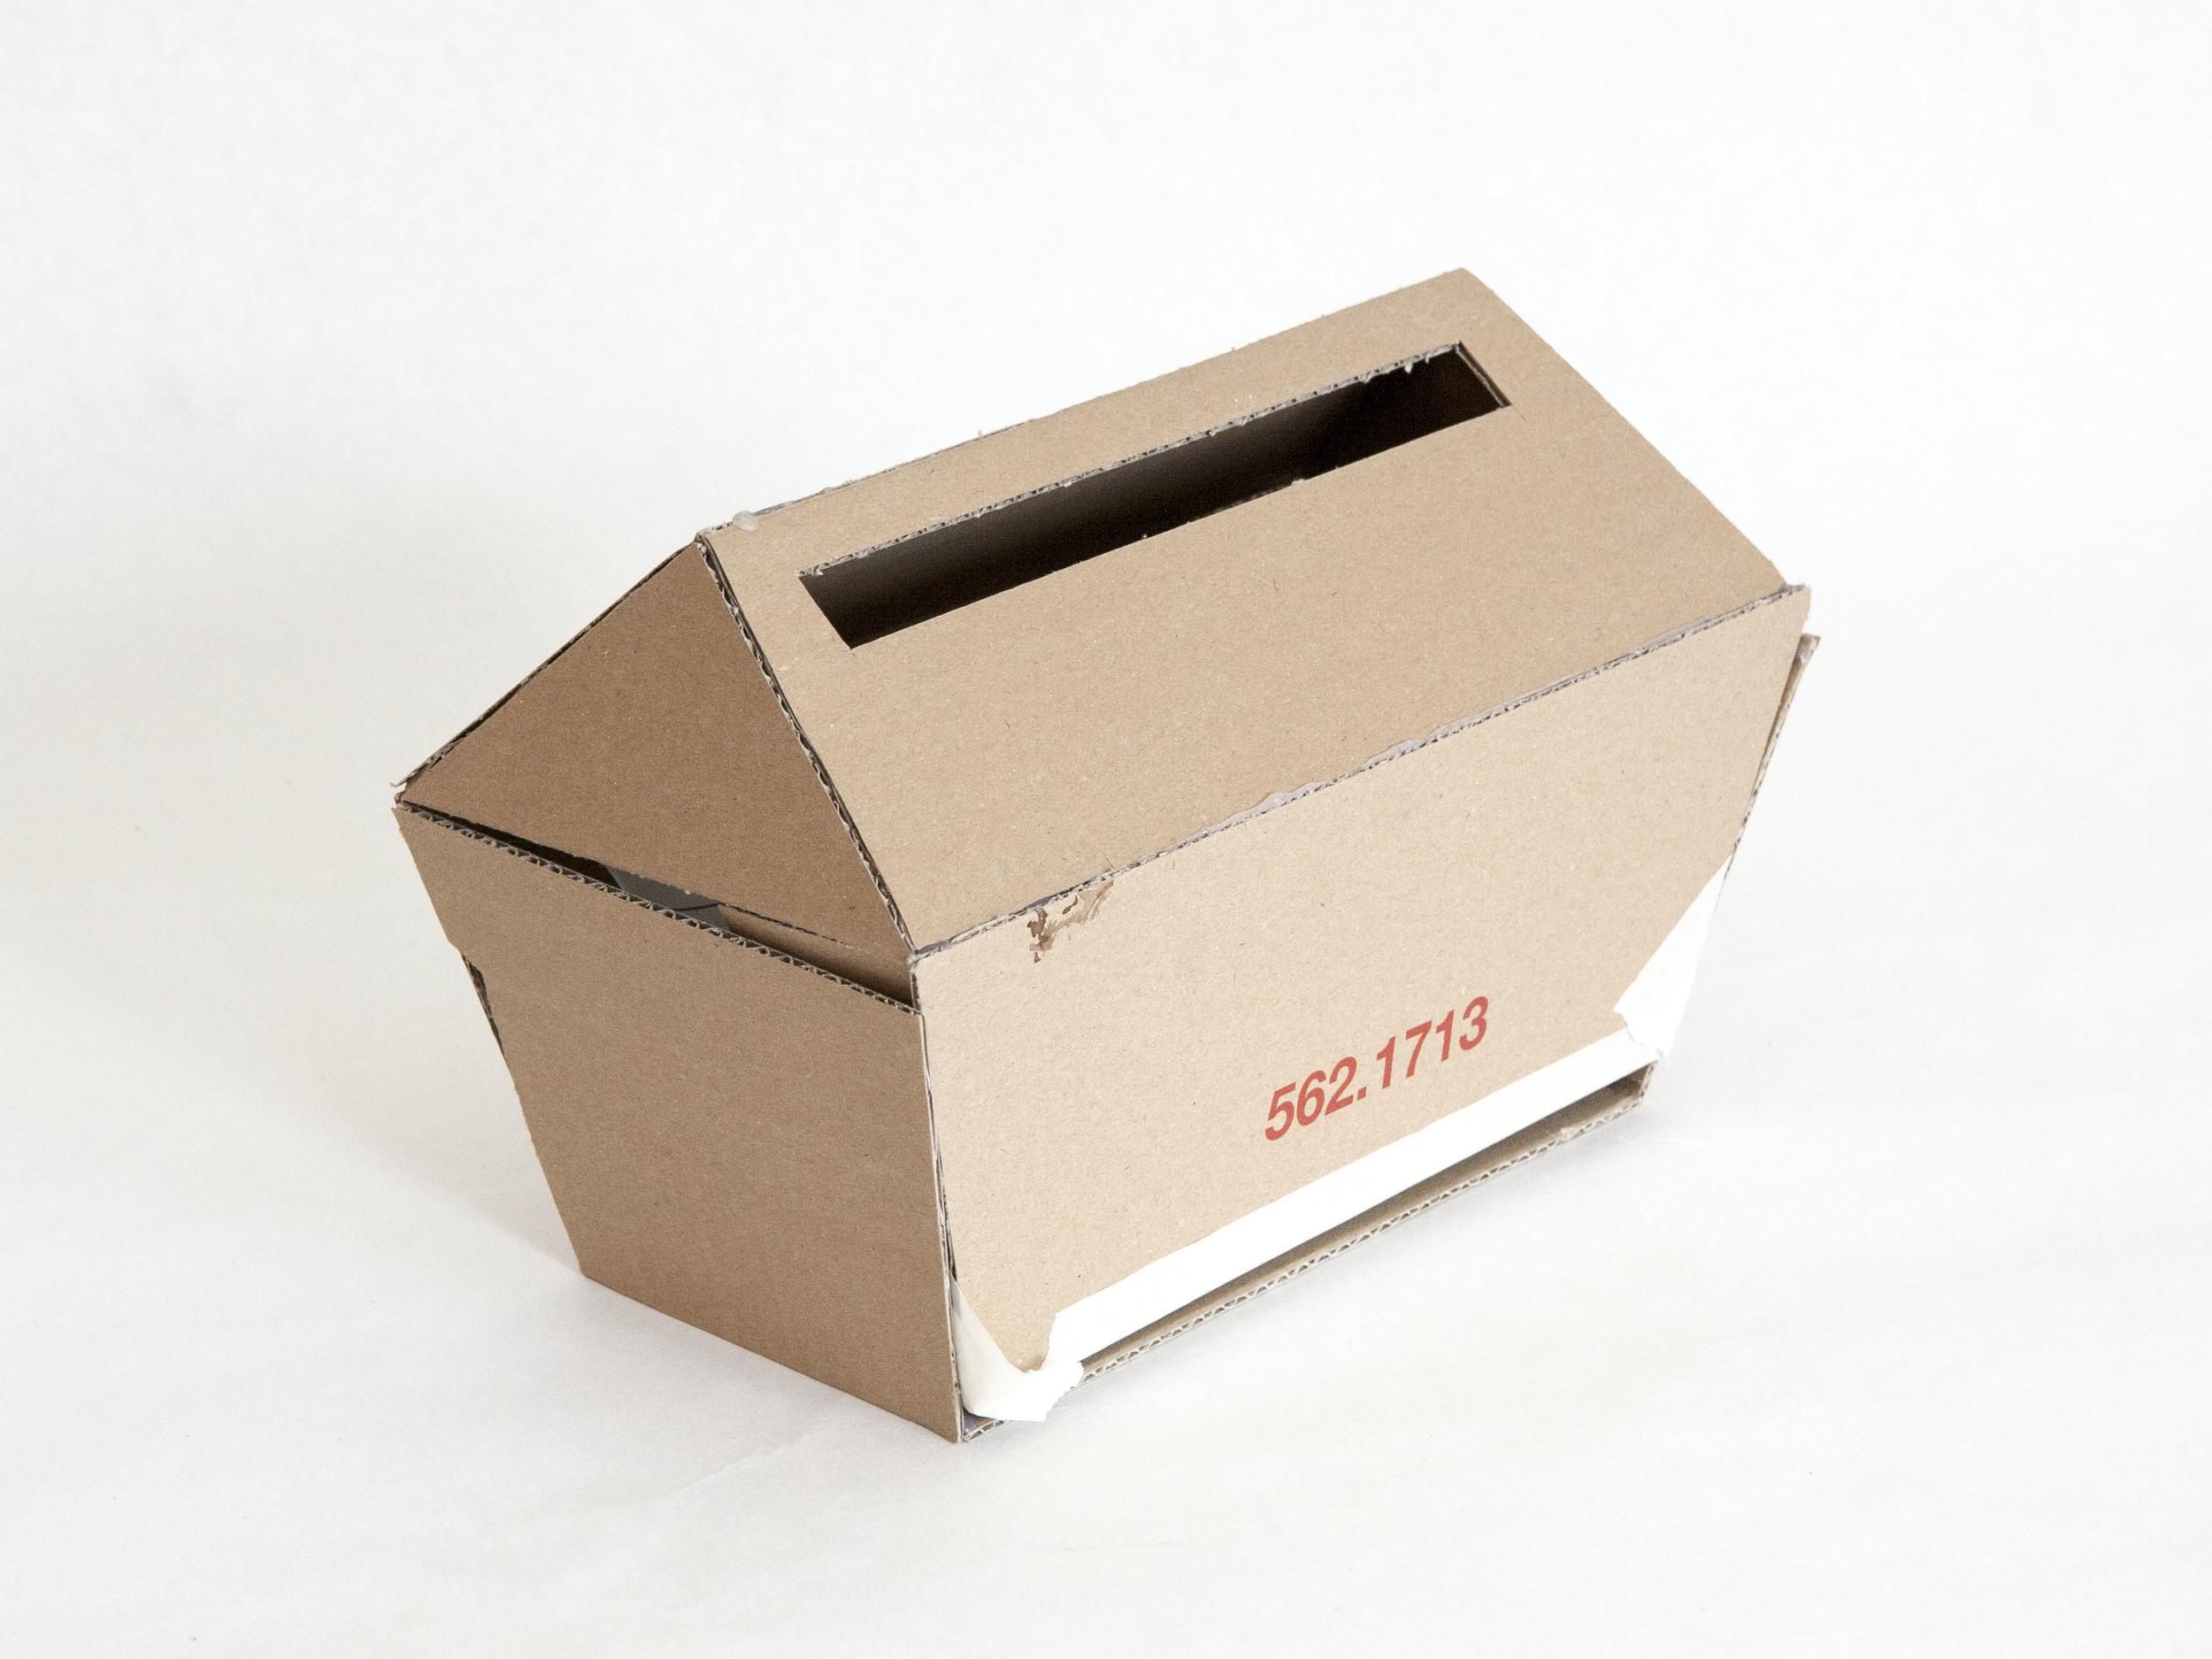 packaging_prozess_kreativkonsum01.jpg